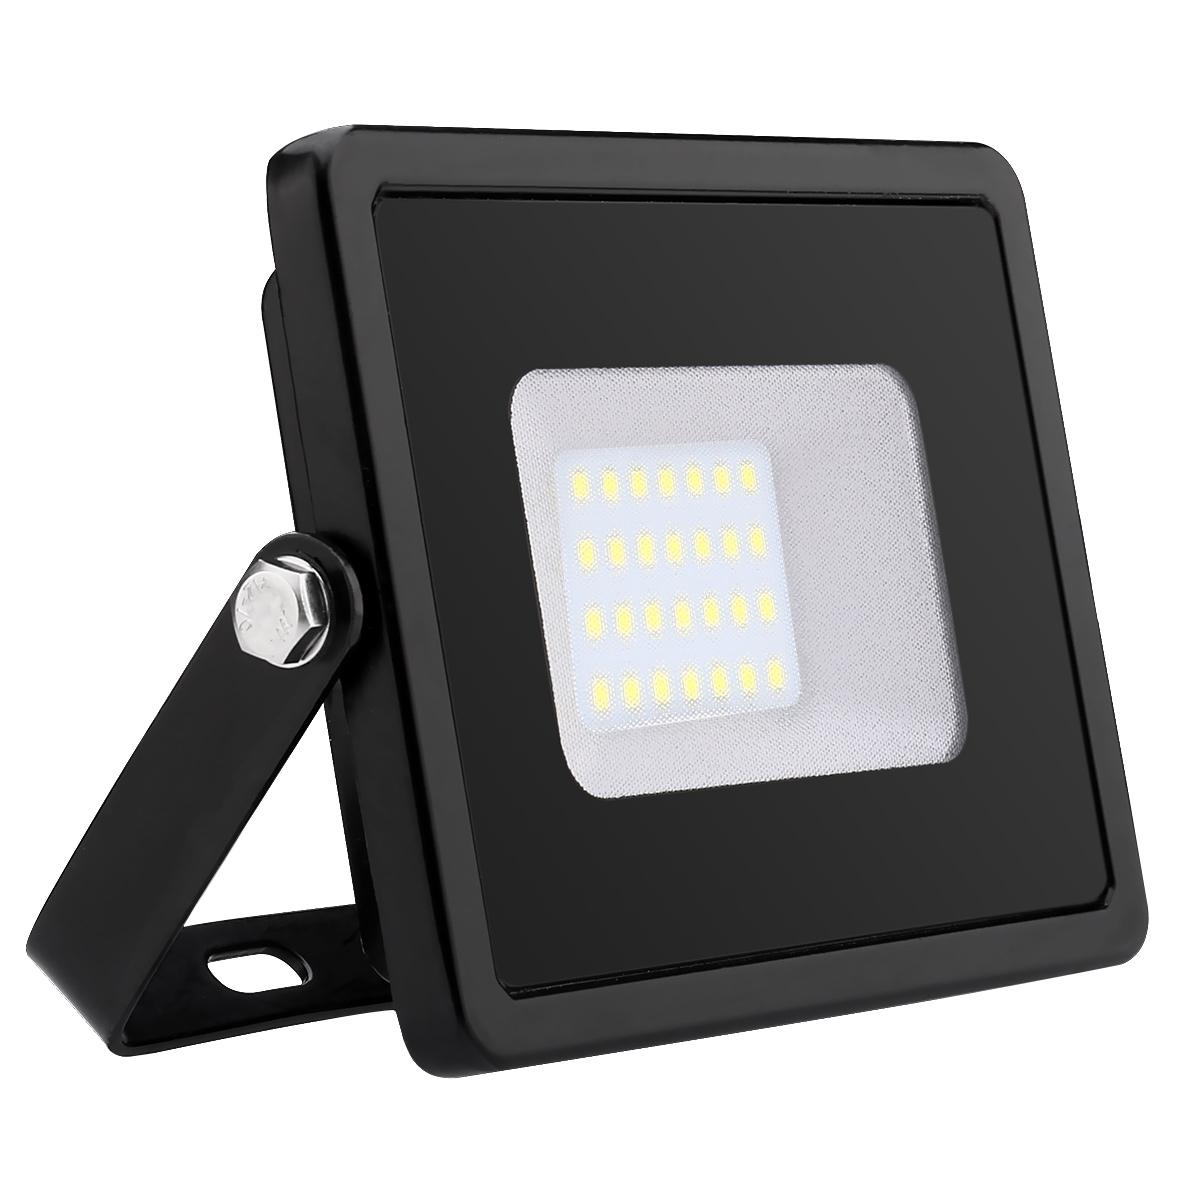 LED Fluter 20W, 1600lm Flutlicht, Wasserdicht LED Außenleuchten, ersetzt 200W Halogenlampe, Kaltweiß Flutlichtstrahler, Scheinwerfer